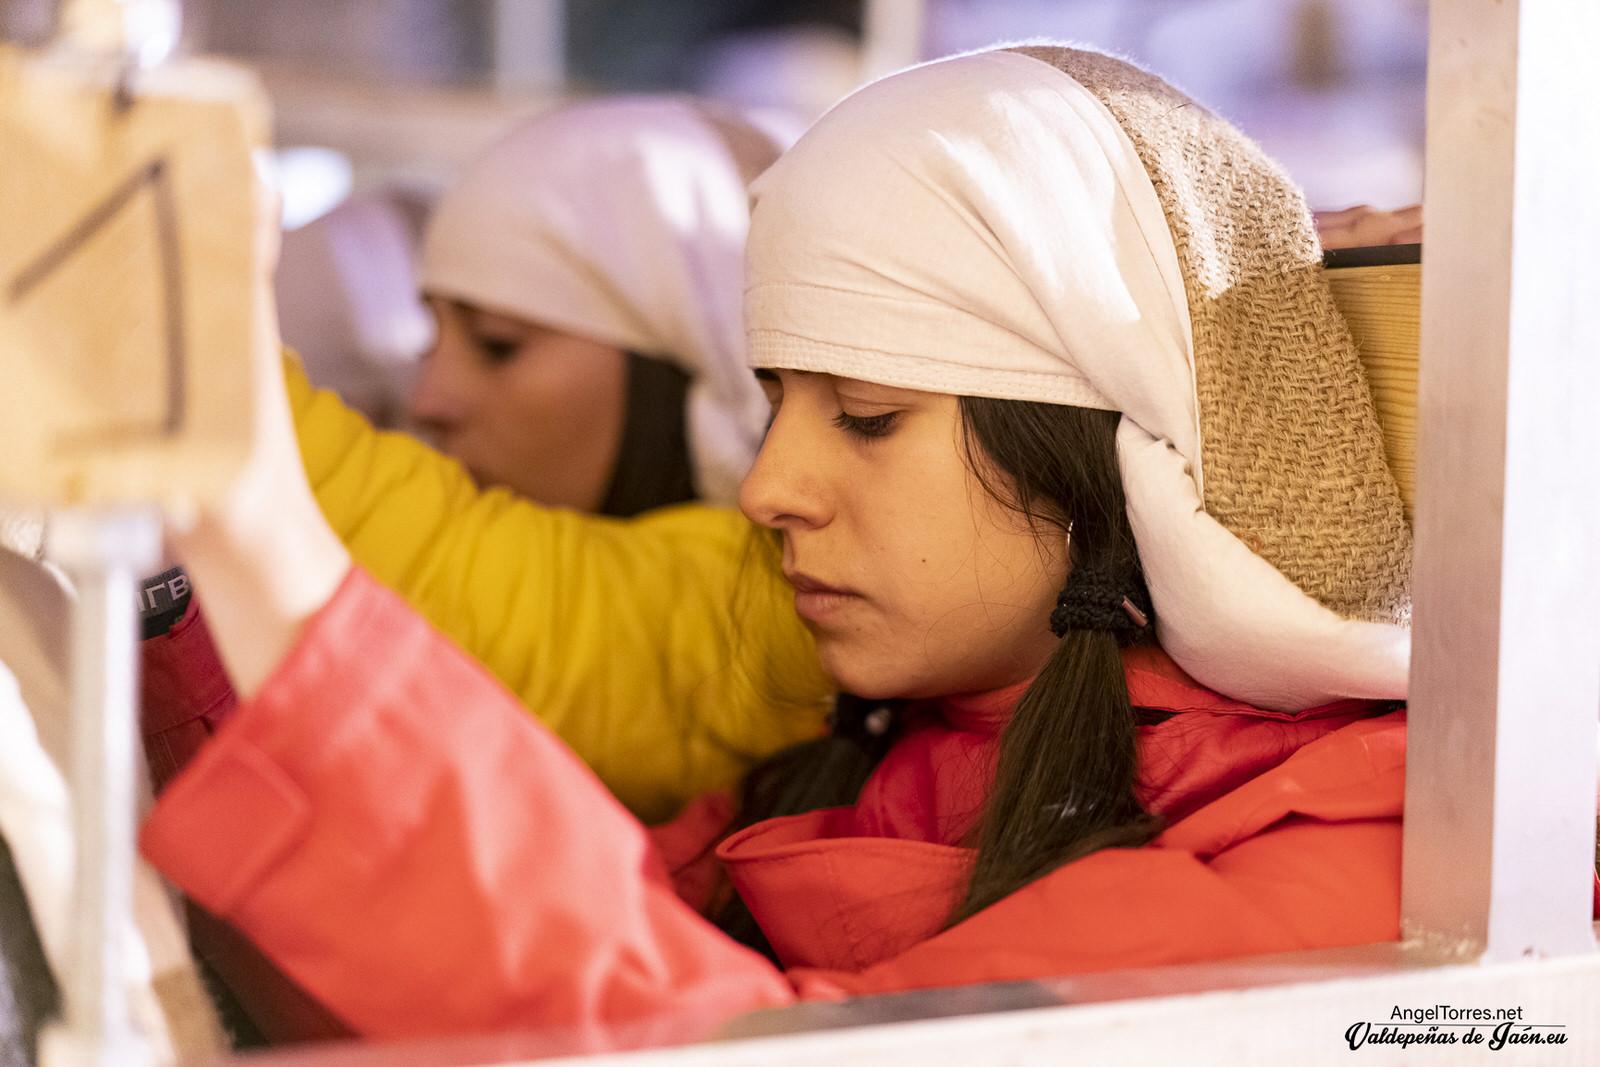 Costaleras de Valdepeñas de Jaén - Ntra Sra de las Angustias